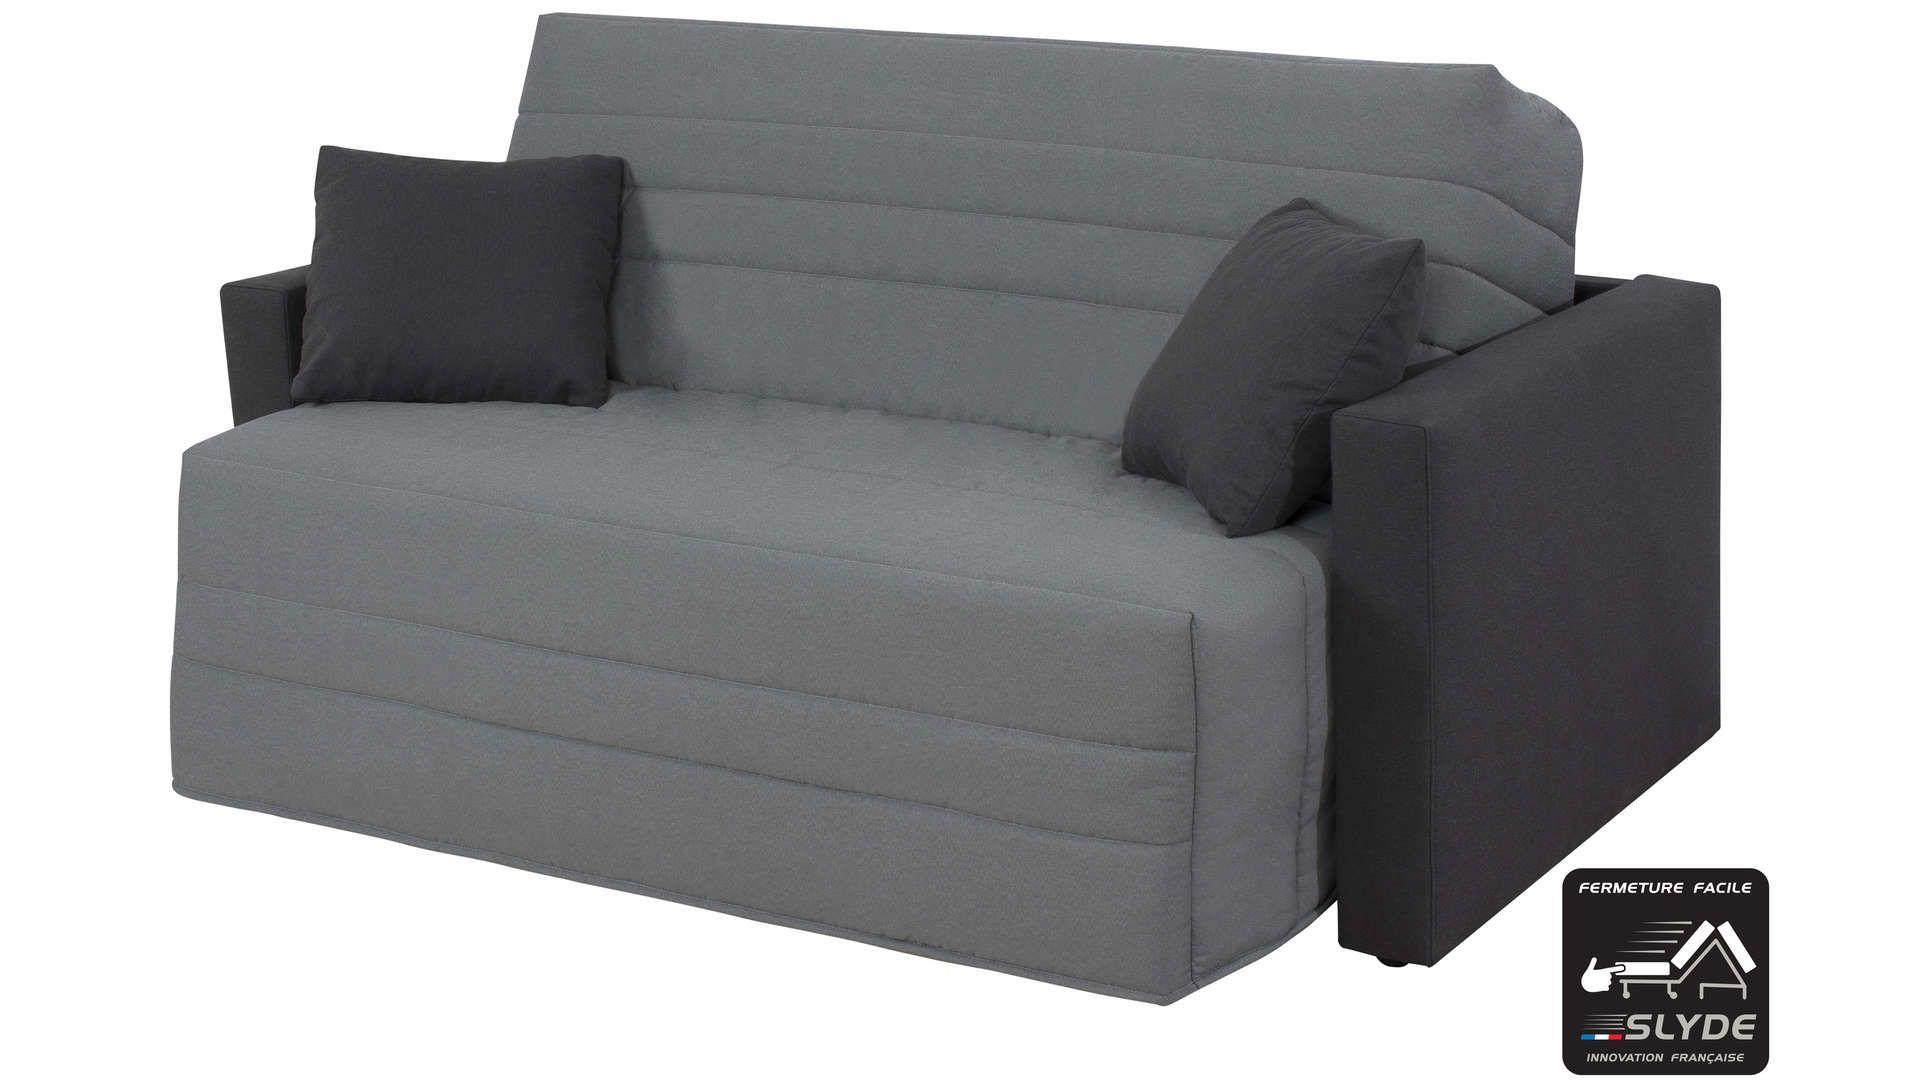 Canapé Lit Bz Slyde 140 Cm Studio Coloris Gris | Canapé Lit ... à Conforama Canape Lit